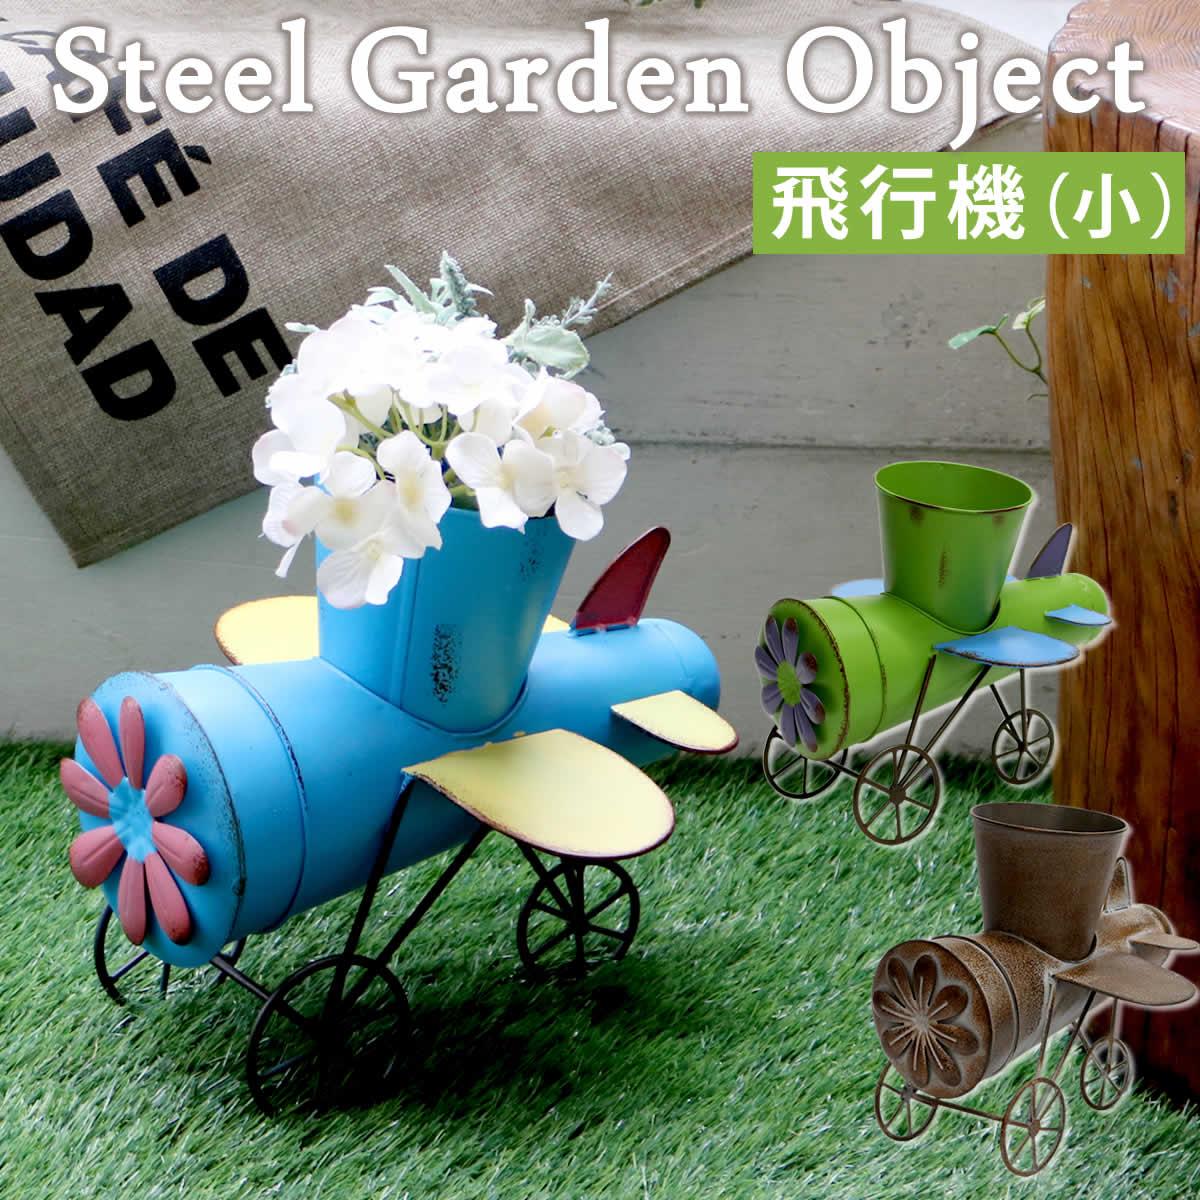 置物 置き物 人気上昇中 オーナメント ブリキ風 ガーデンオーナメント 人形 SI 小 飛行機 販売 LTI スチールガーデンオブジェシリーズ